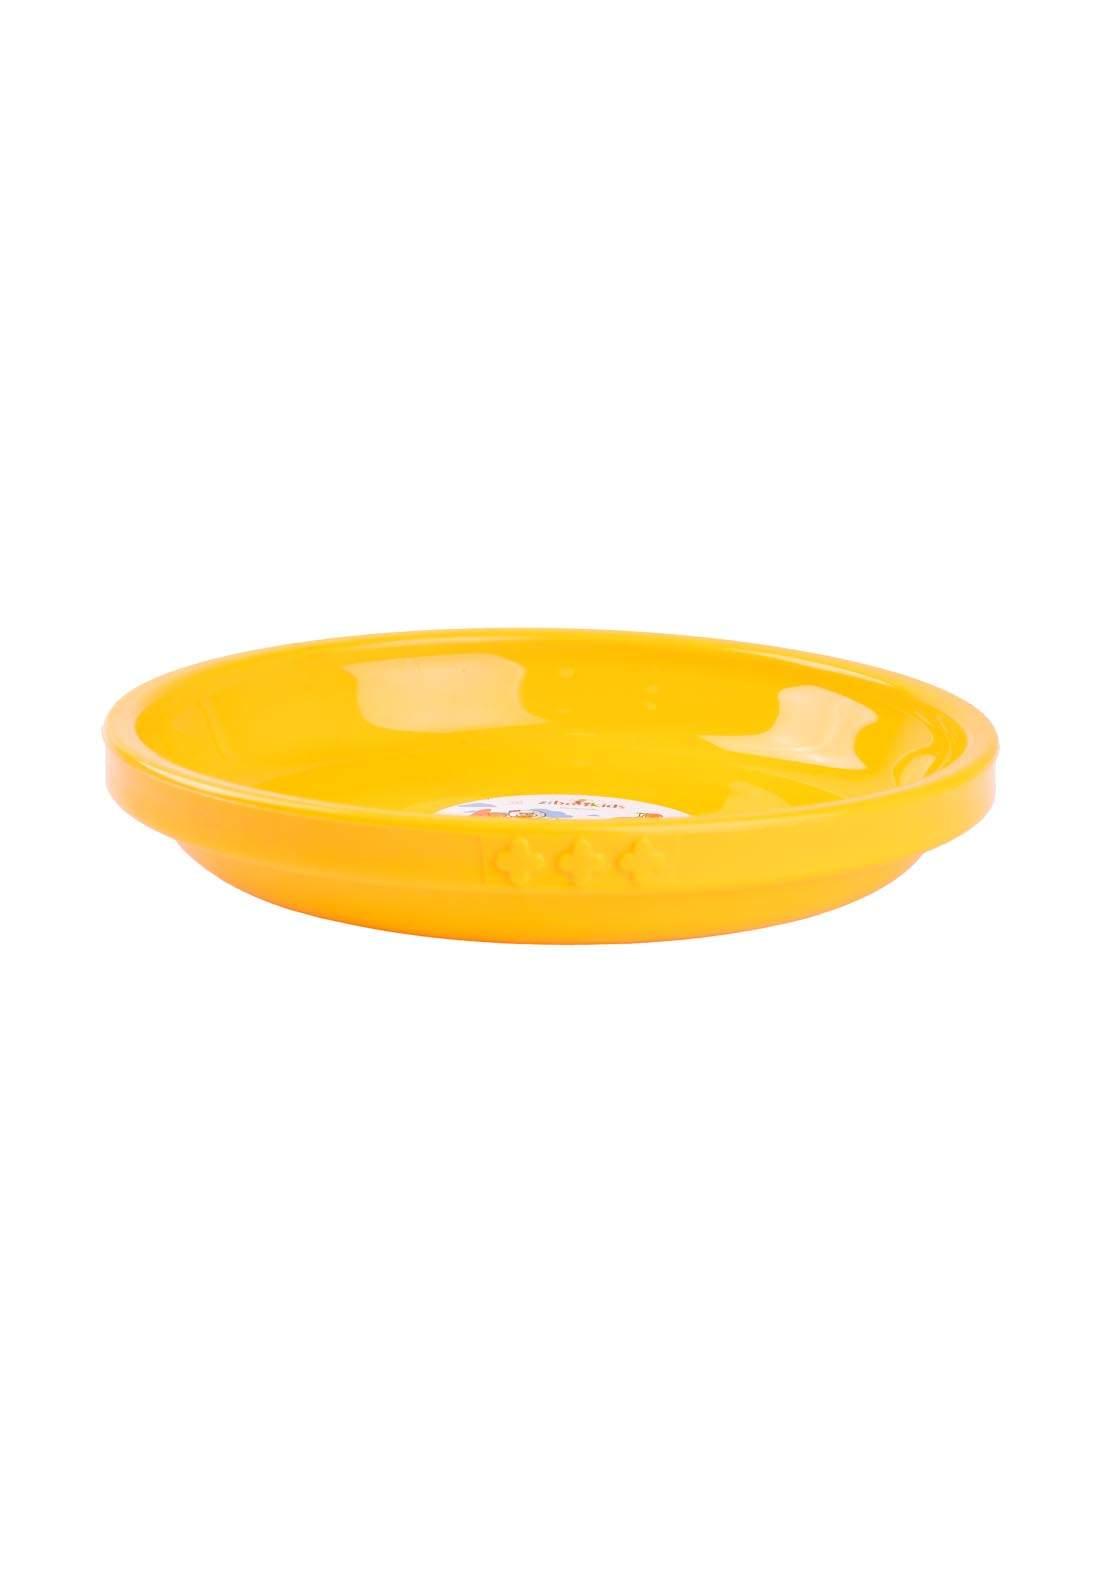 طبق تقديم للاطفال اصفر اللون